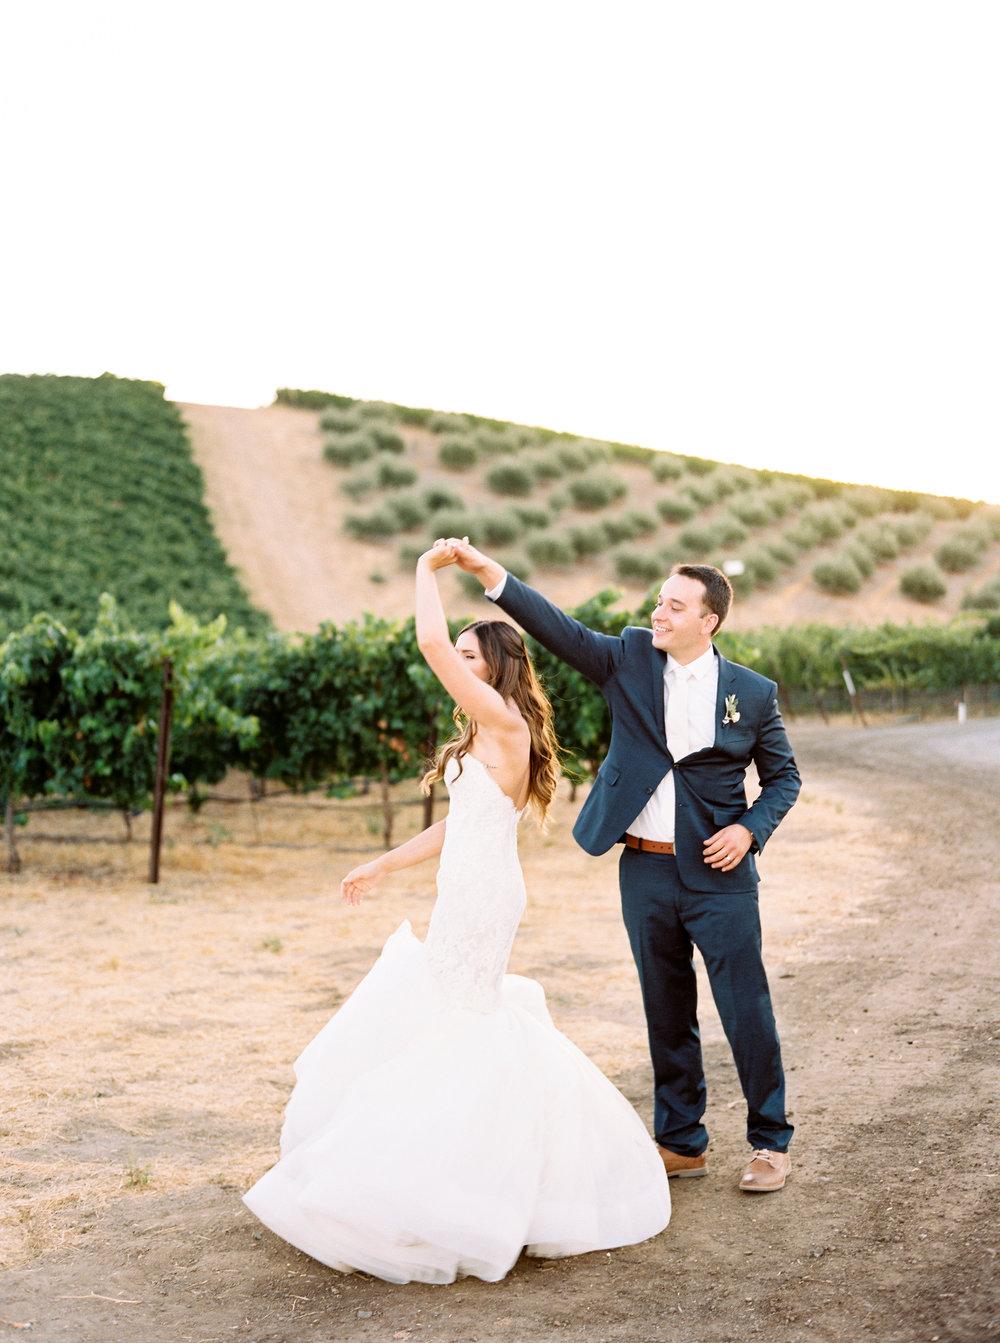 muriettas-well-wedding-in-livermore-california-45.jpg